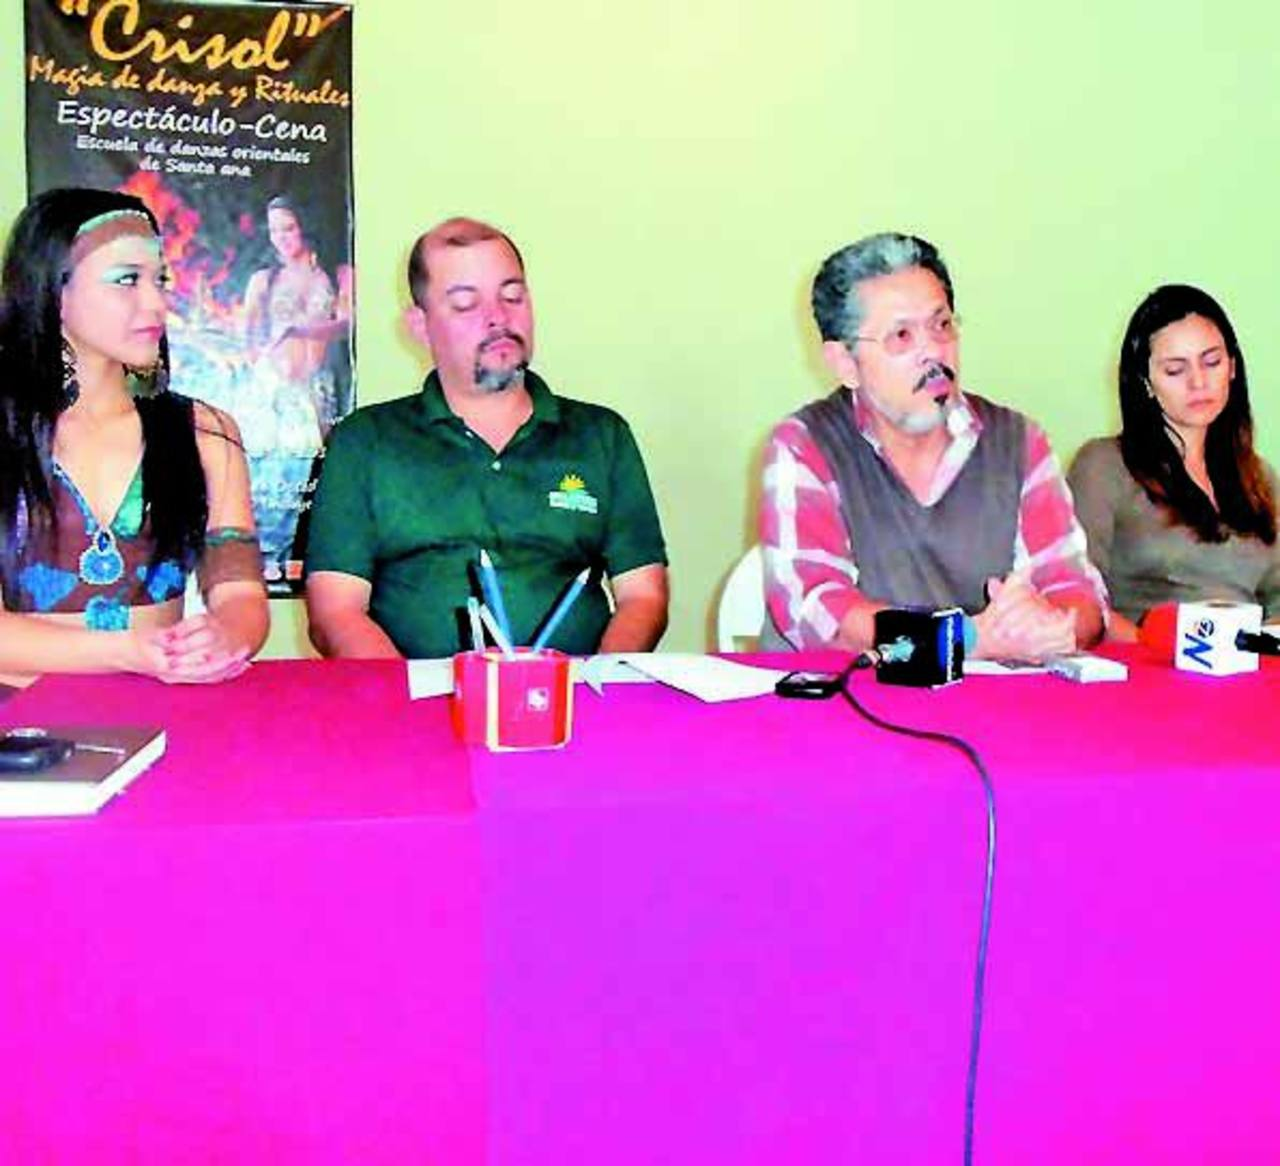 Los organizadores dijeron que esperan buena asistencia de públicos para las obras que harán. Foto EDH / MAURICIO GUEVARA